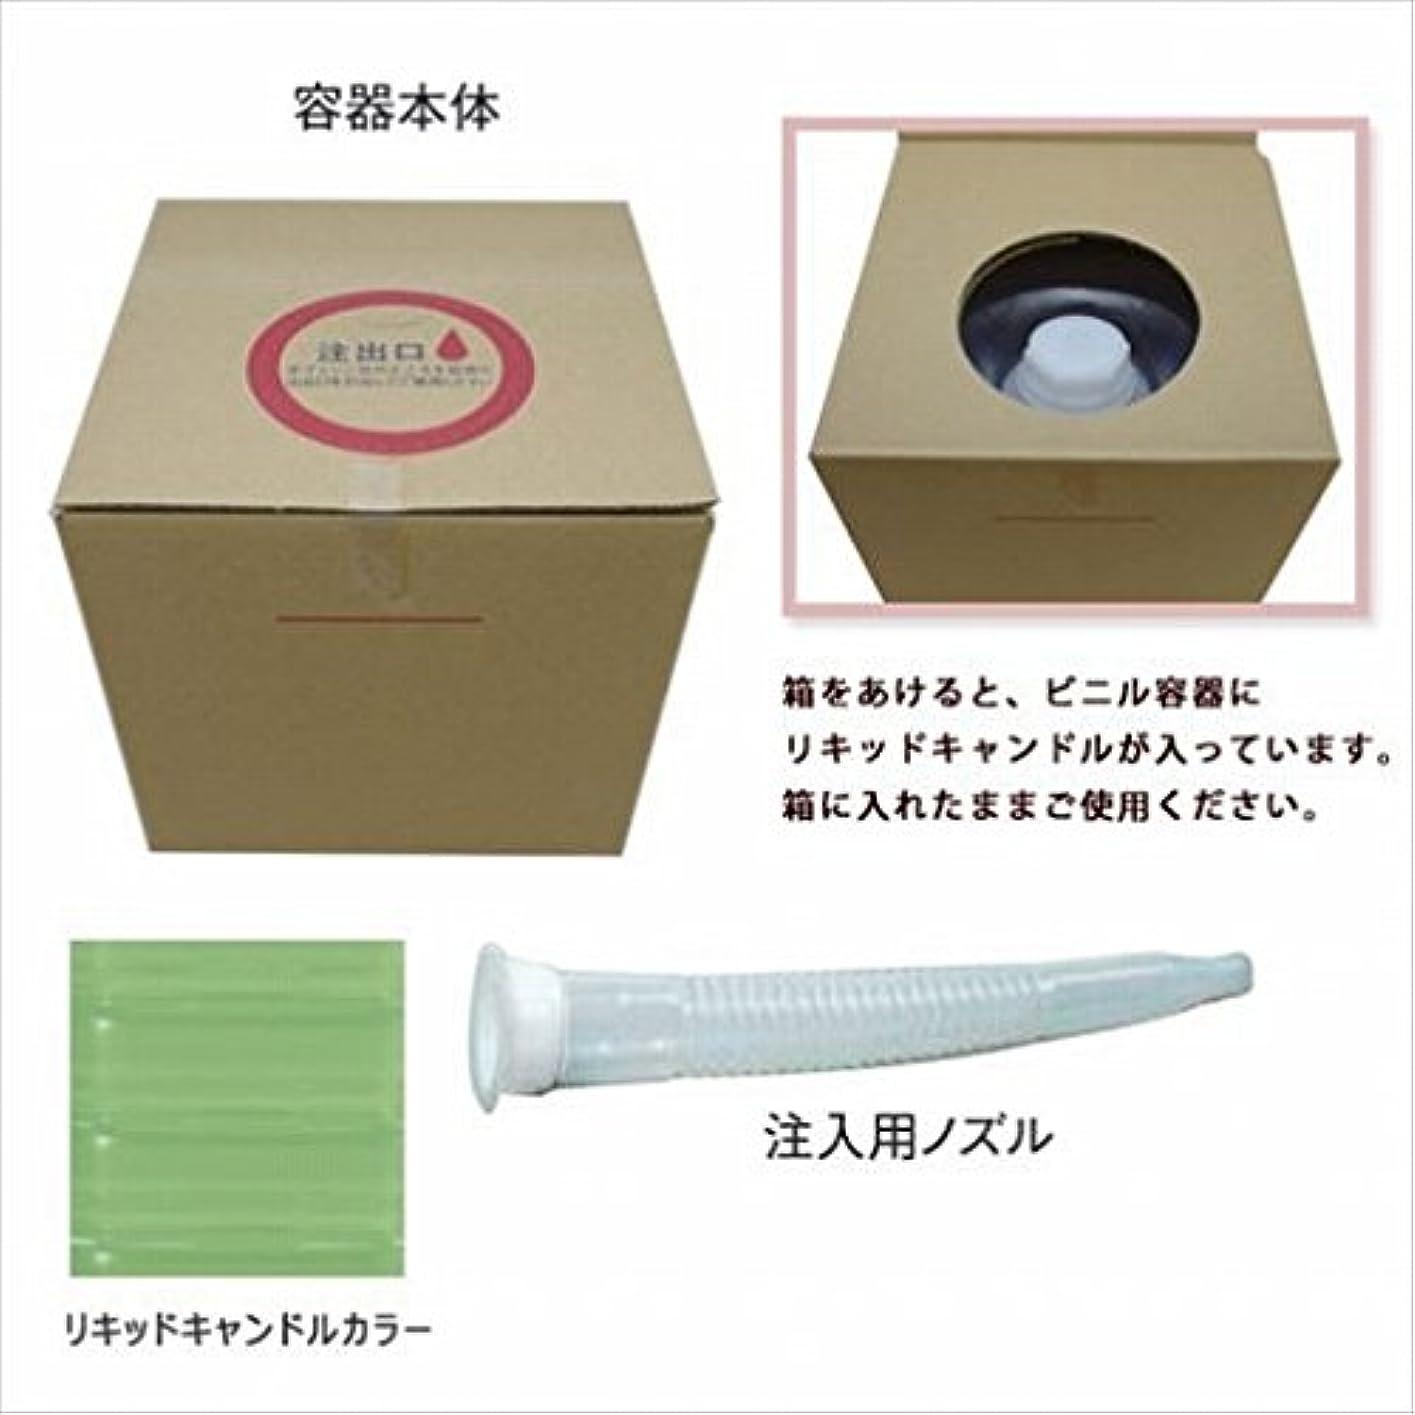 除外する農夫アナログカメヤマキャンドル(kameyama candle) リキッドキャンドル5リットル 「 ライトグリーン 」